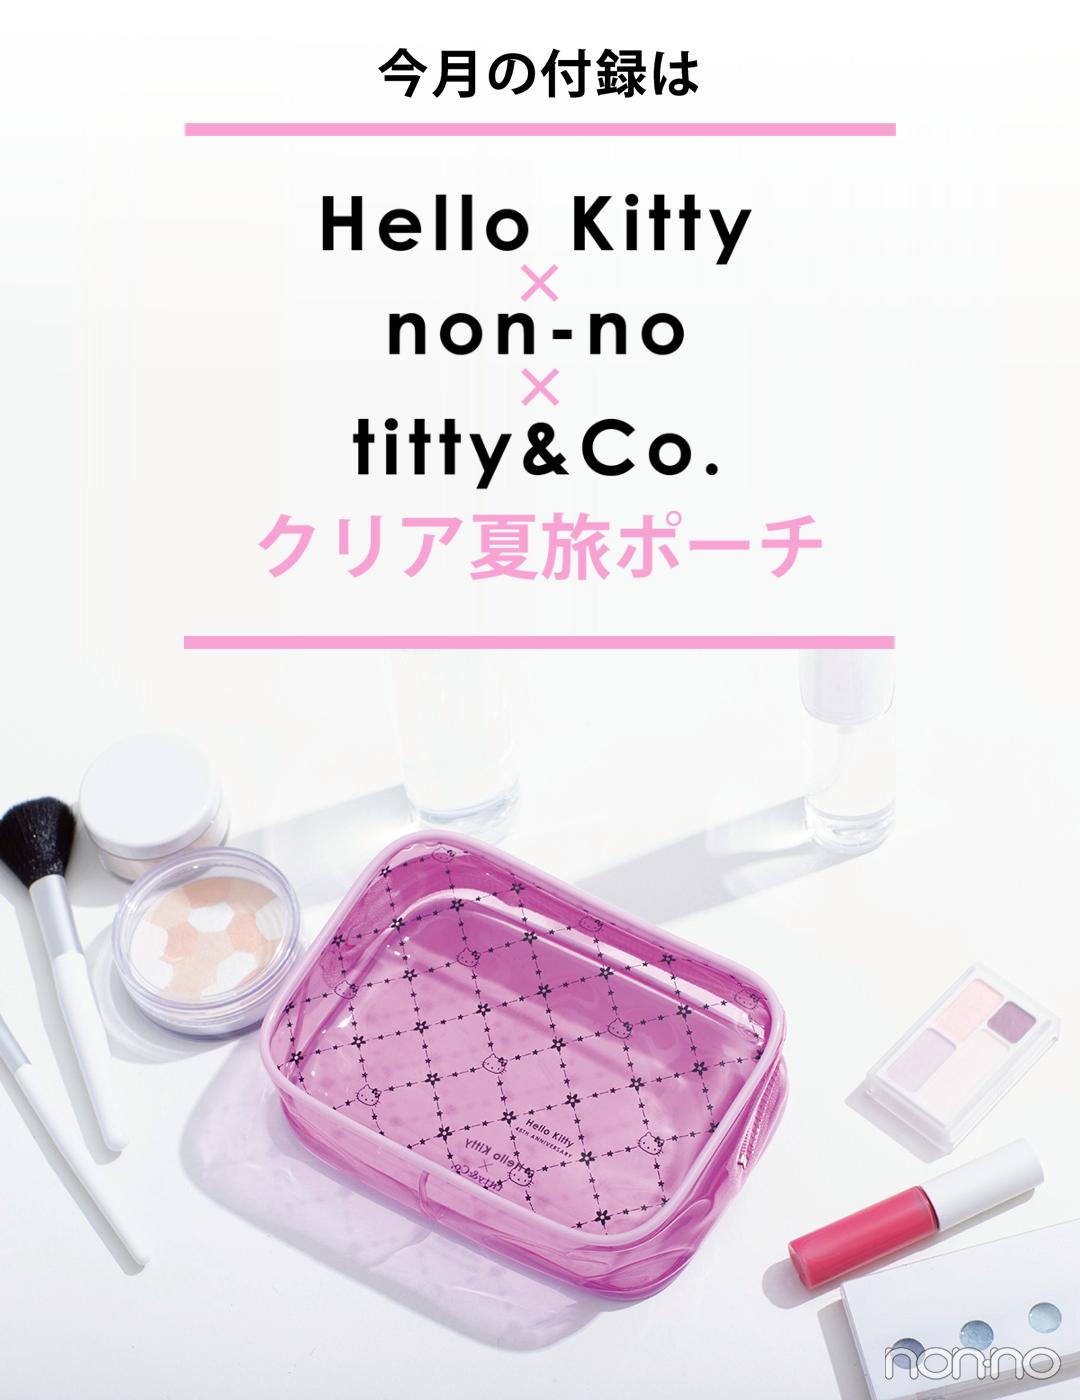 今月号の特別付録は...Hello Kitty×non-no×titty&Co.♡クリア夏旅ポーチ